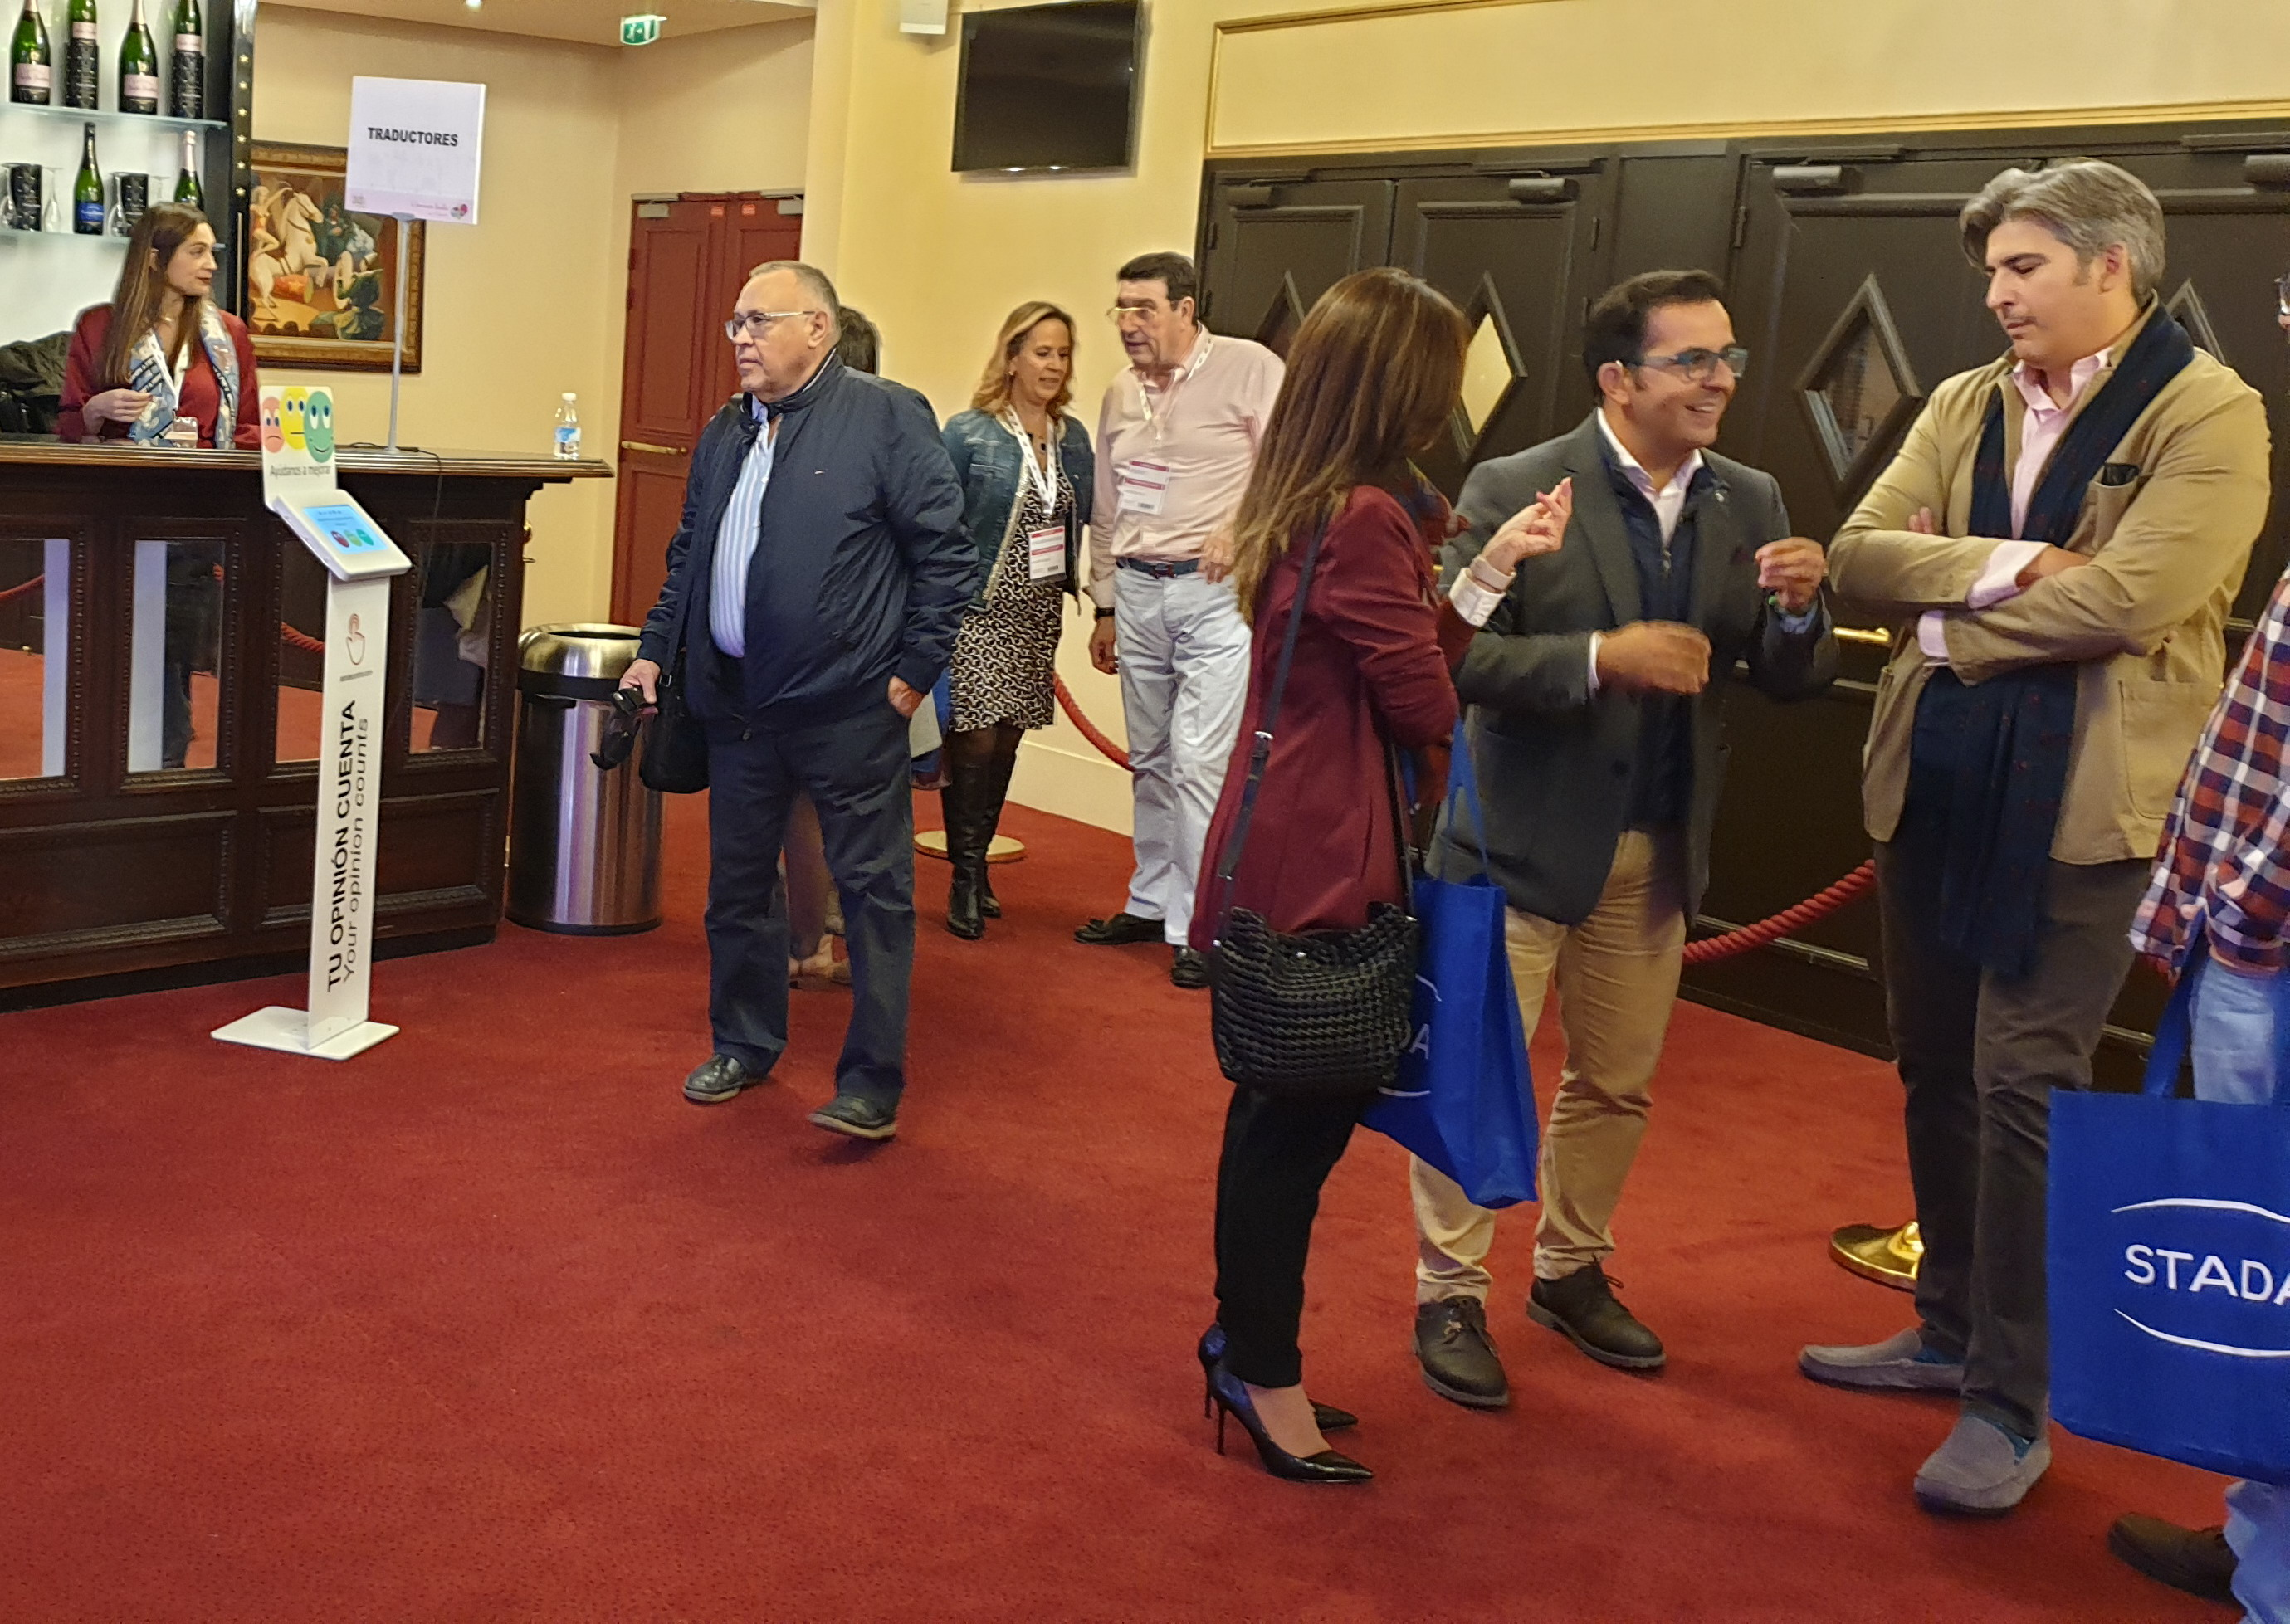 Encuestas de satisfacción Astutecontrol con Bidafarma en París